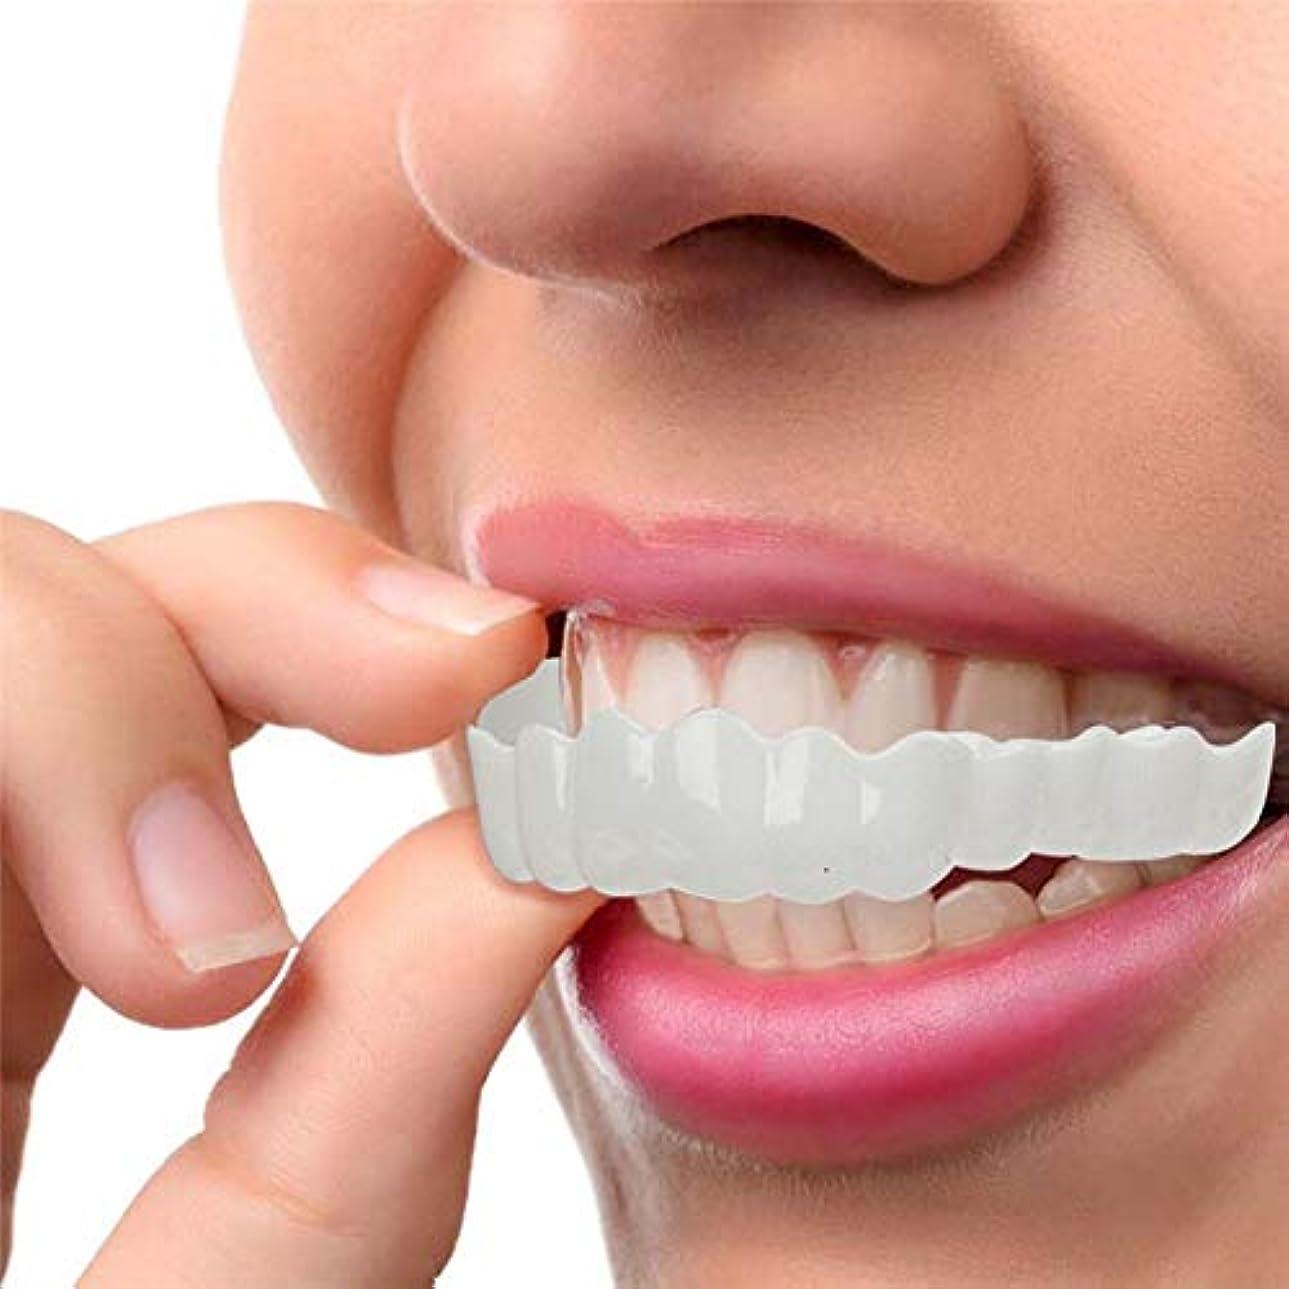 連鎖カートンデータム化粧品の歯、白い歯をきれいにするための快適なフィットフレックス歯ソケット、超快適、快適なフィット感、5セット